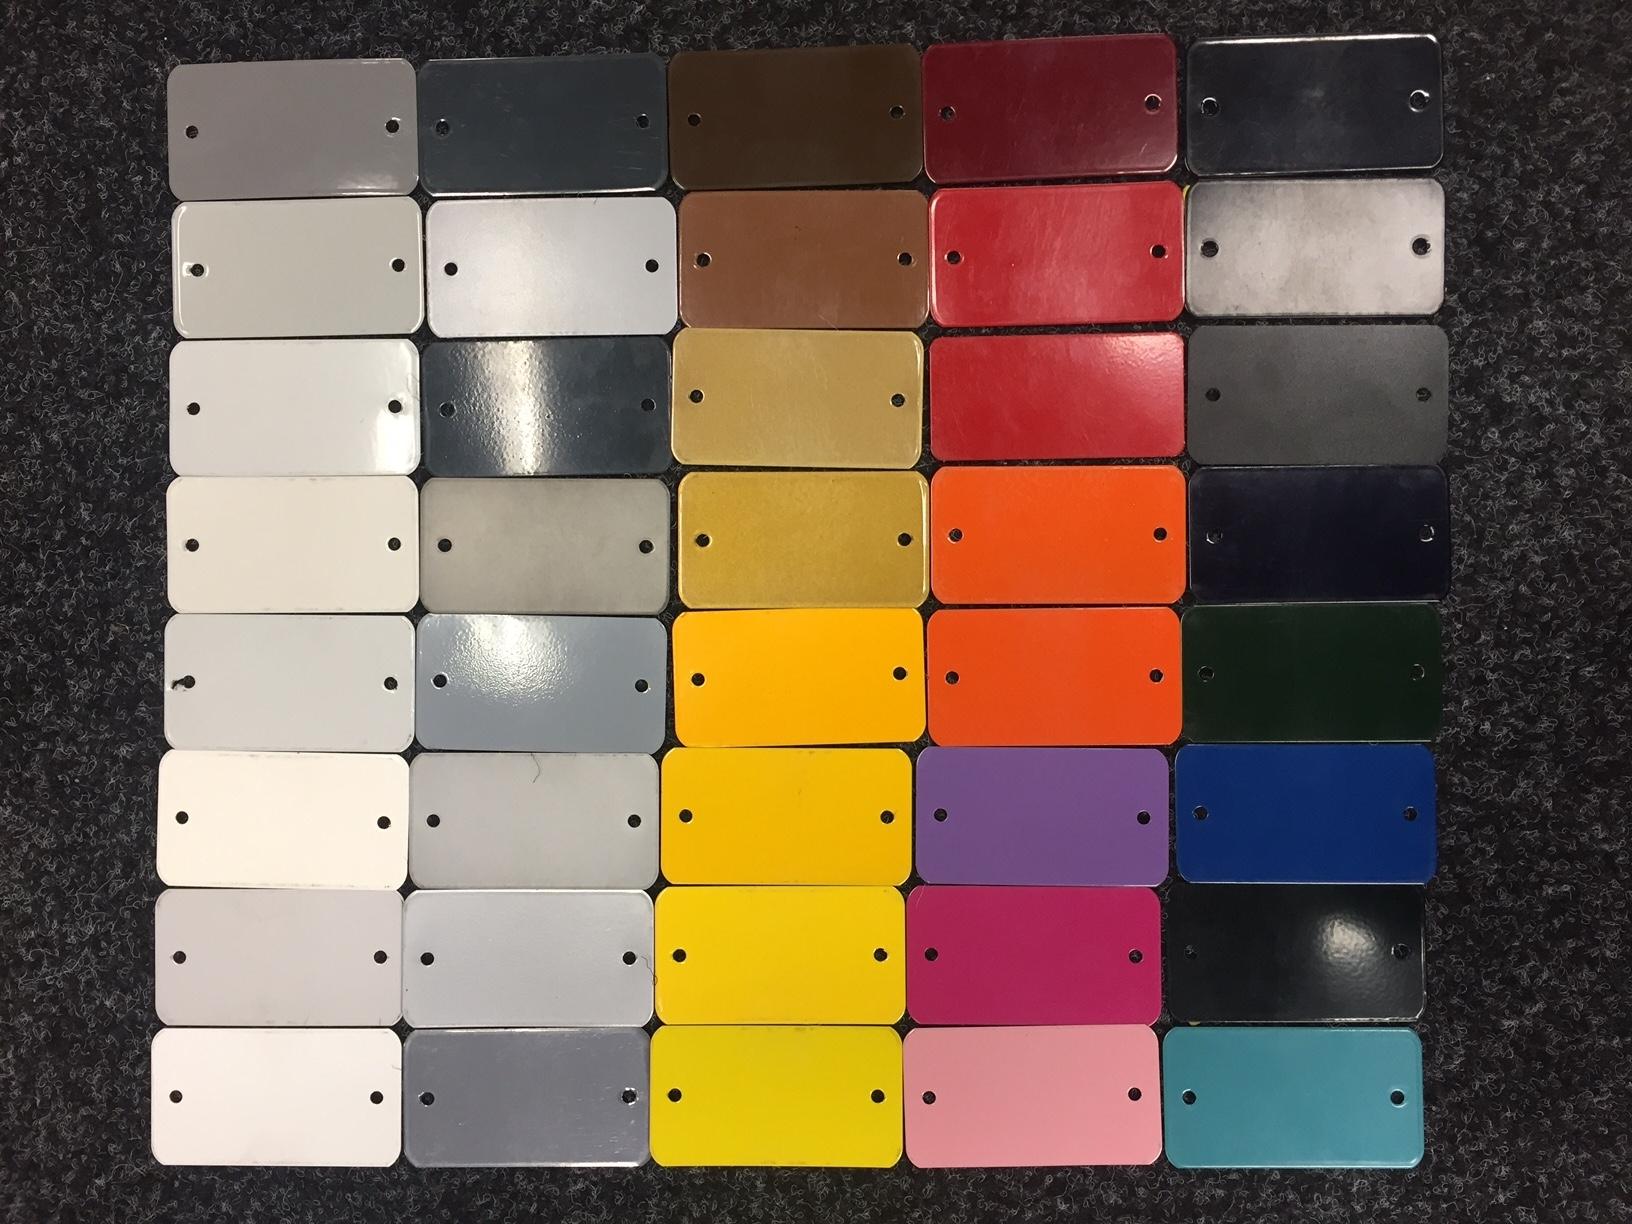 Kleuren die nu leverbaar zijn in Glans of mat.